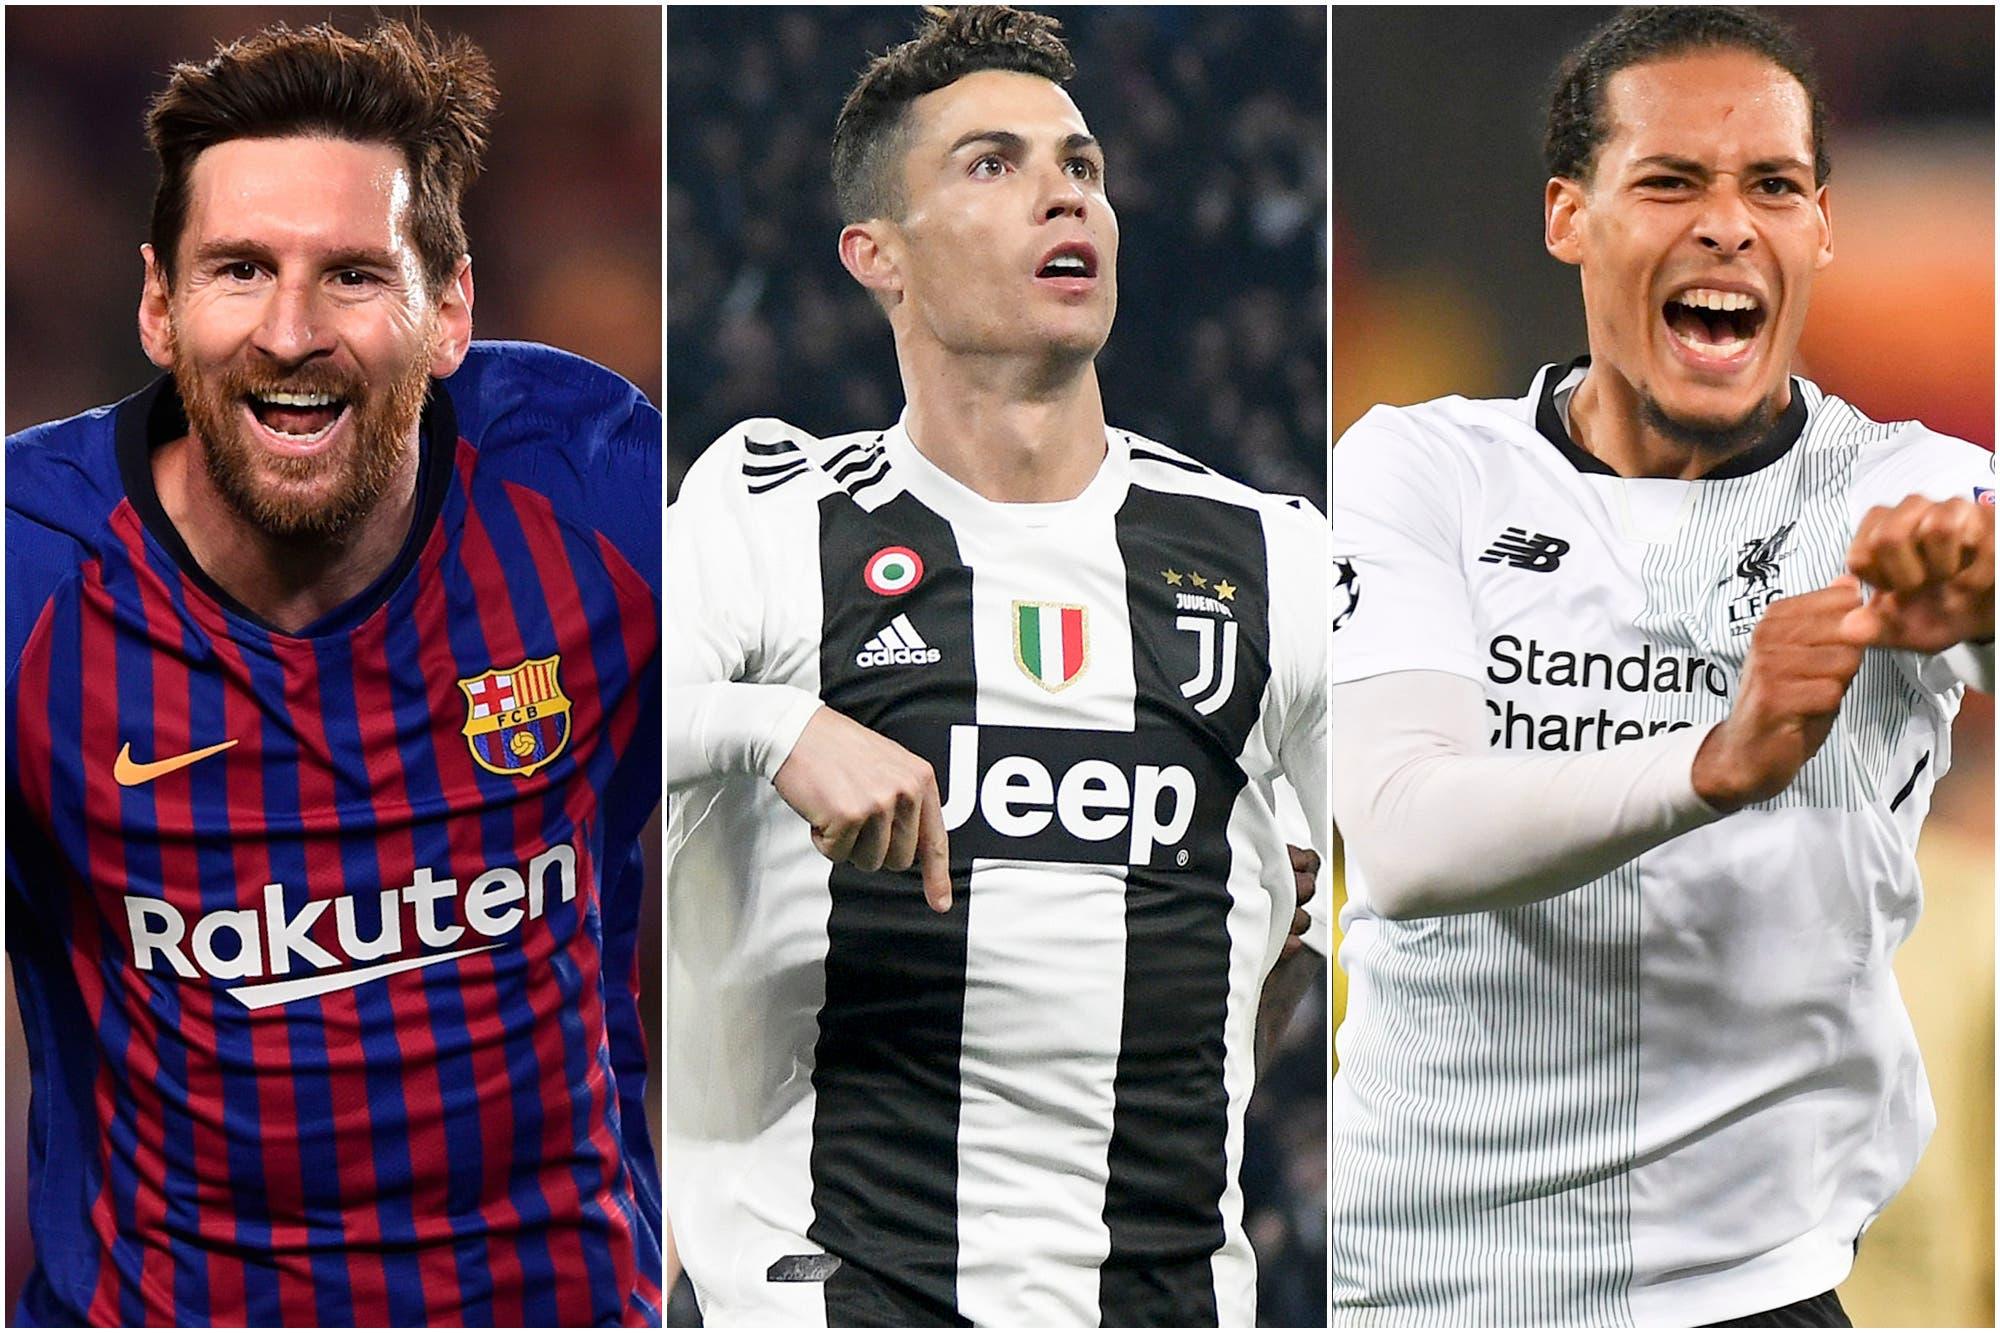 La UEFA decide si Lionel Messi fue el mejor de la temporada pasada y se sortea la Champions League